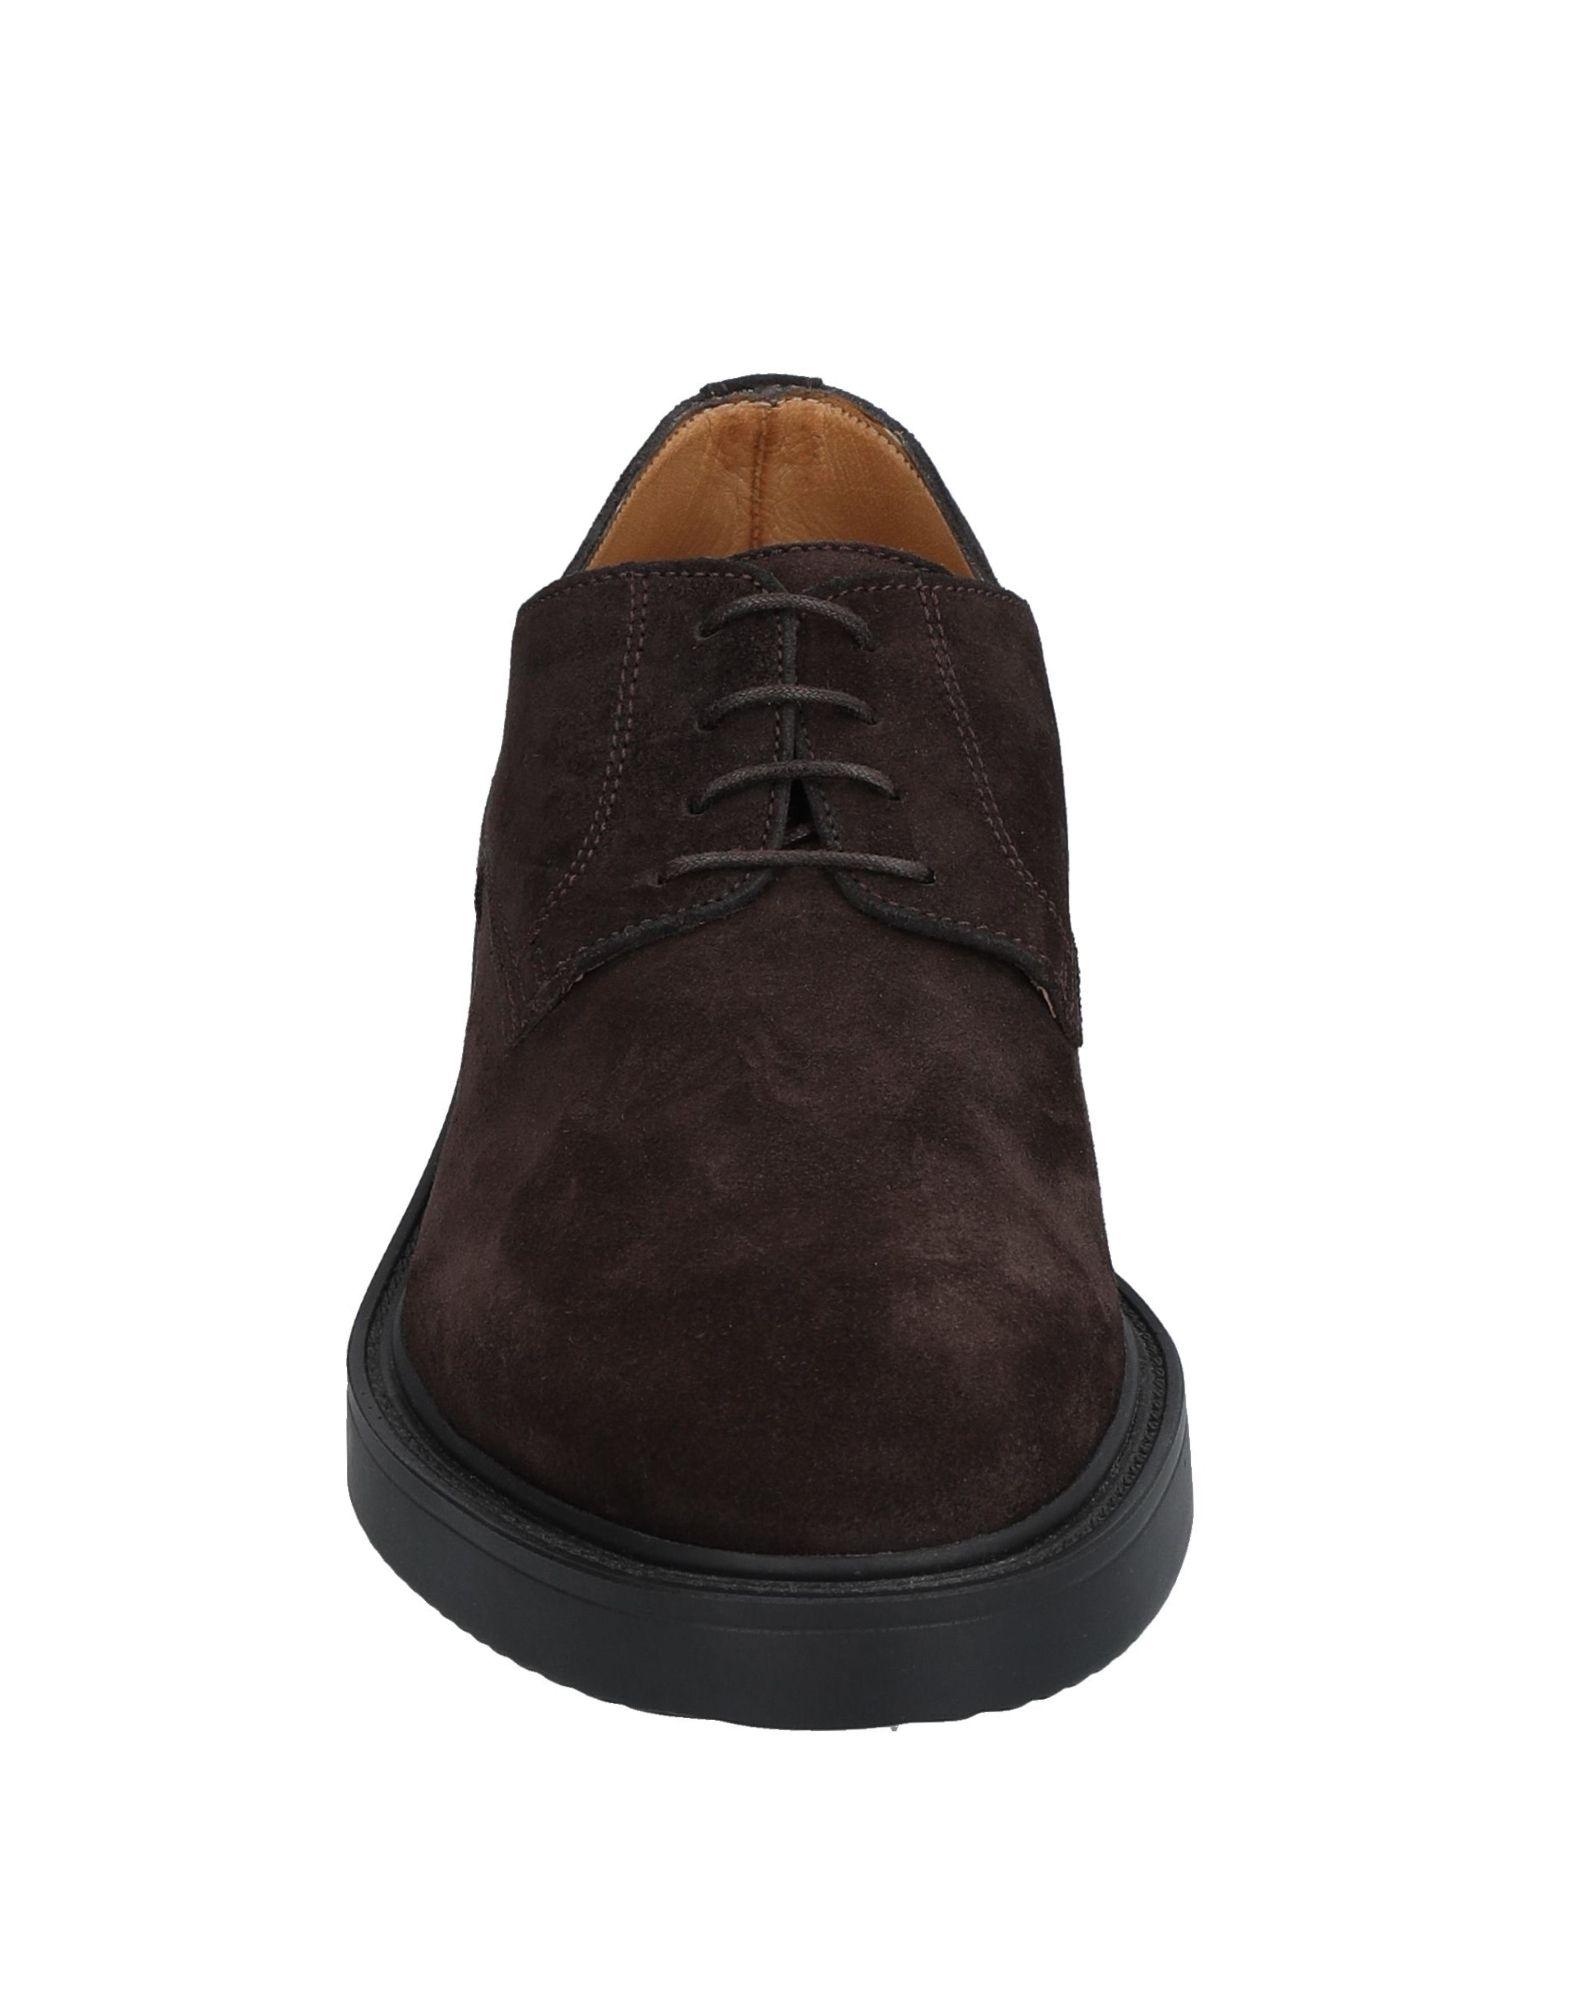 Rabatt echte Schuhe Schnürschuhe Seboy's Schnürschuhe Schuhe Herren  11536359KV 9f6fbd